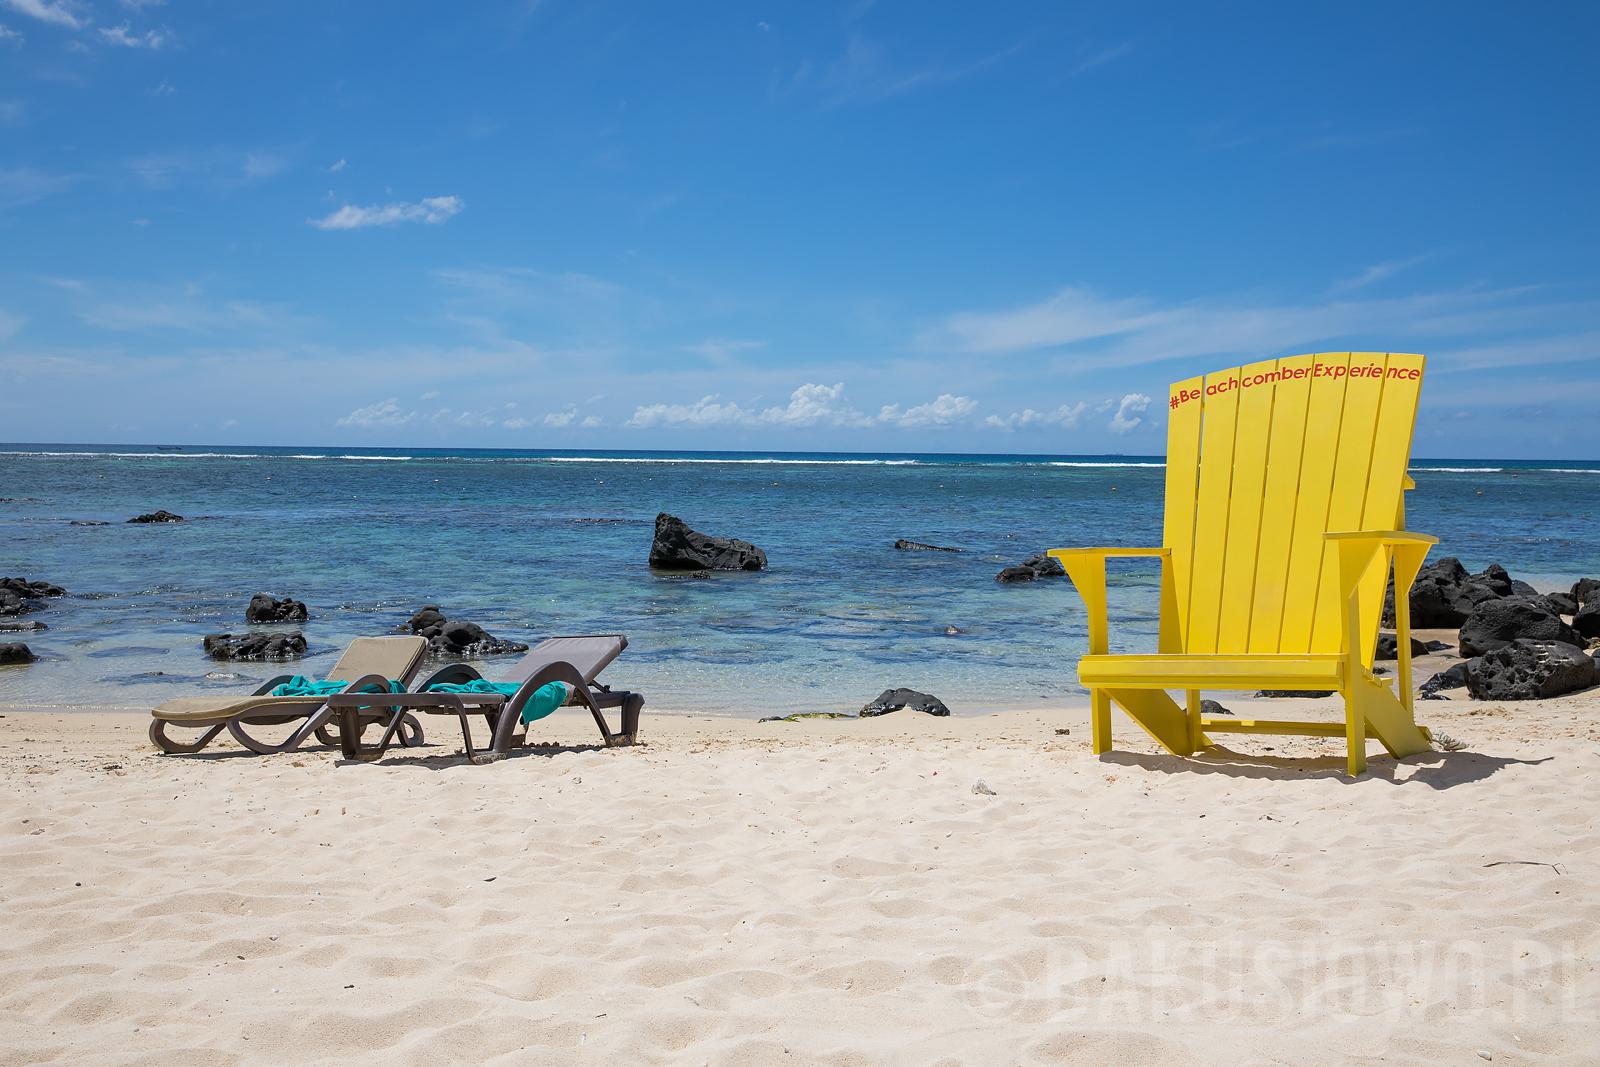 mauritius-le-meridien-photos-78